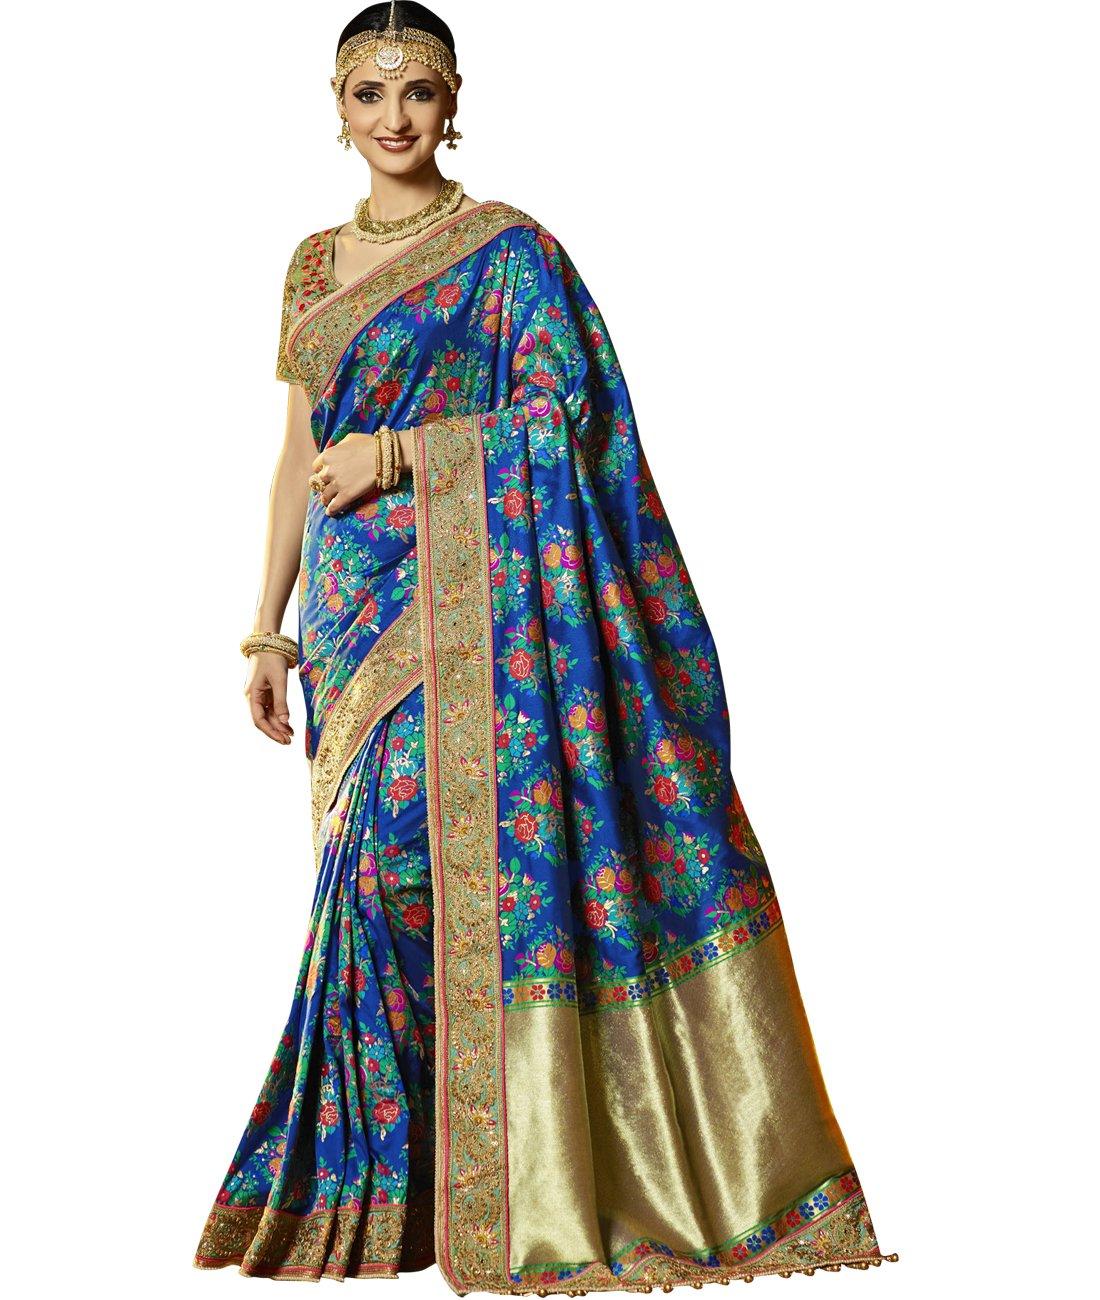 Maahir Garments Exclusive Indian Ethnicwear Banarasi Brocade Silk Royal Blue coloured Handloom Saree by Maahir Garments (Image #1)